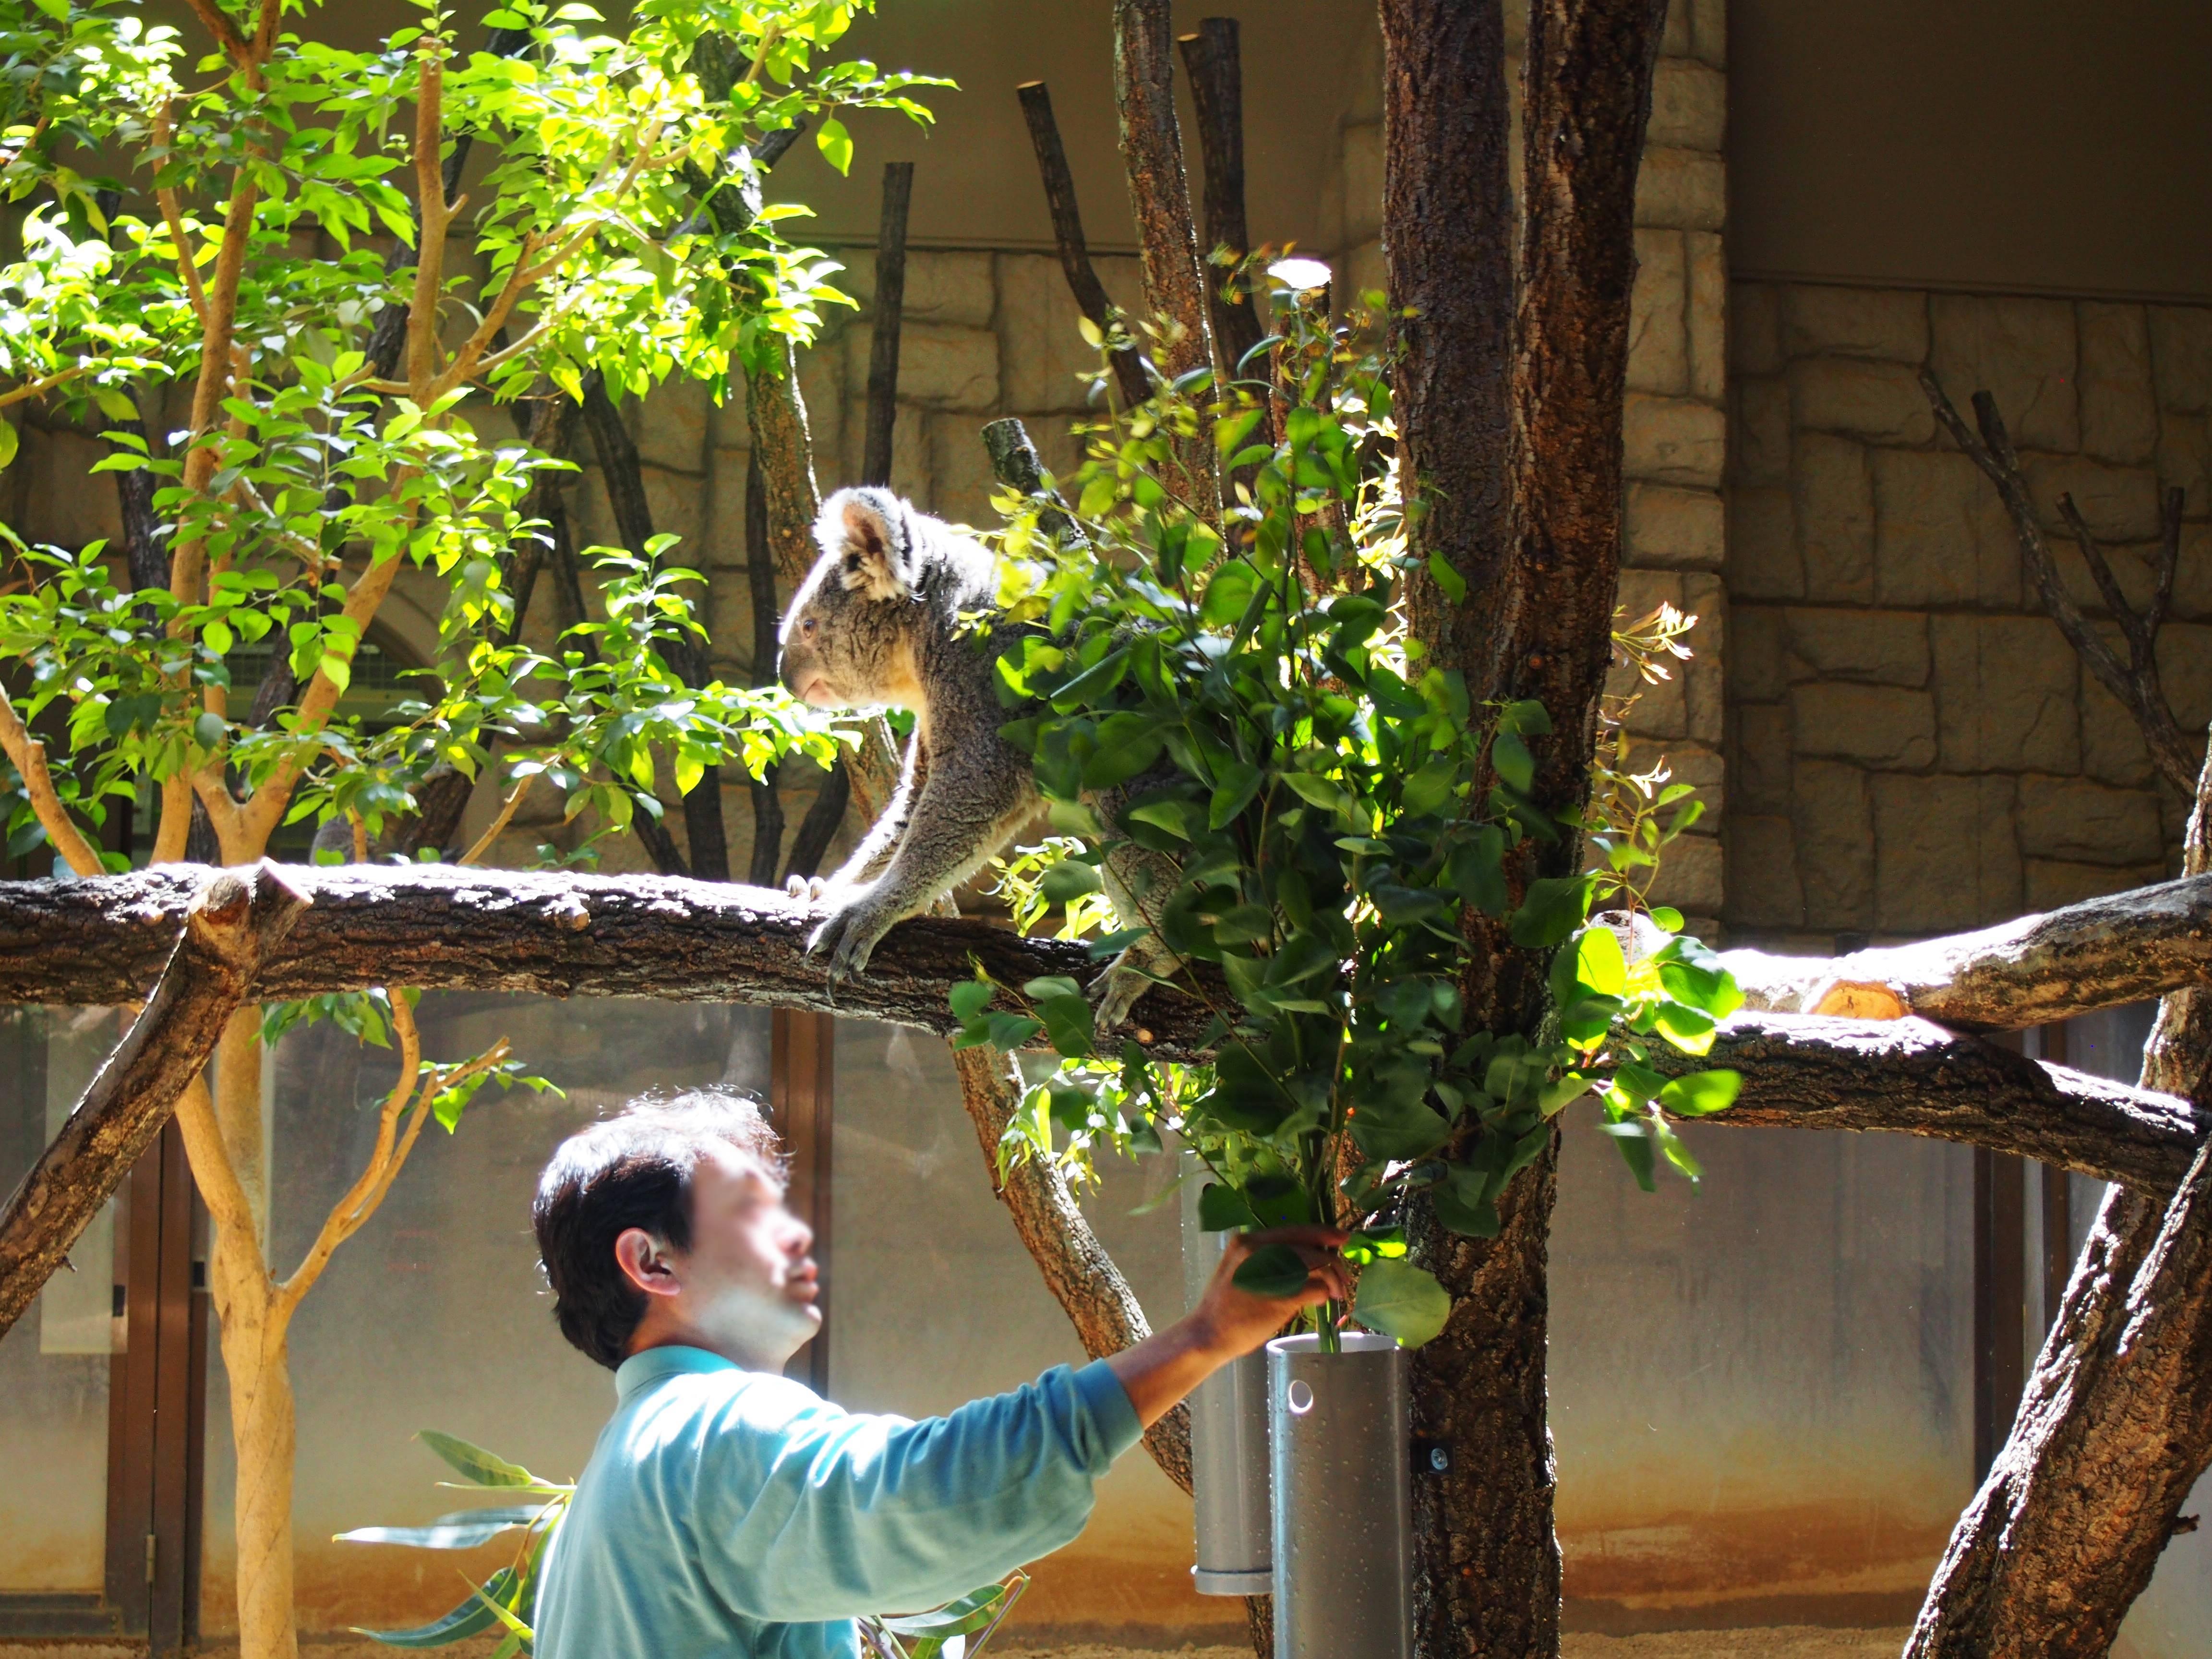 東山動物園の園長に聞いた!動物園をより楽しむためのプランとは - P4121838